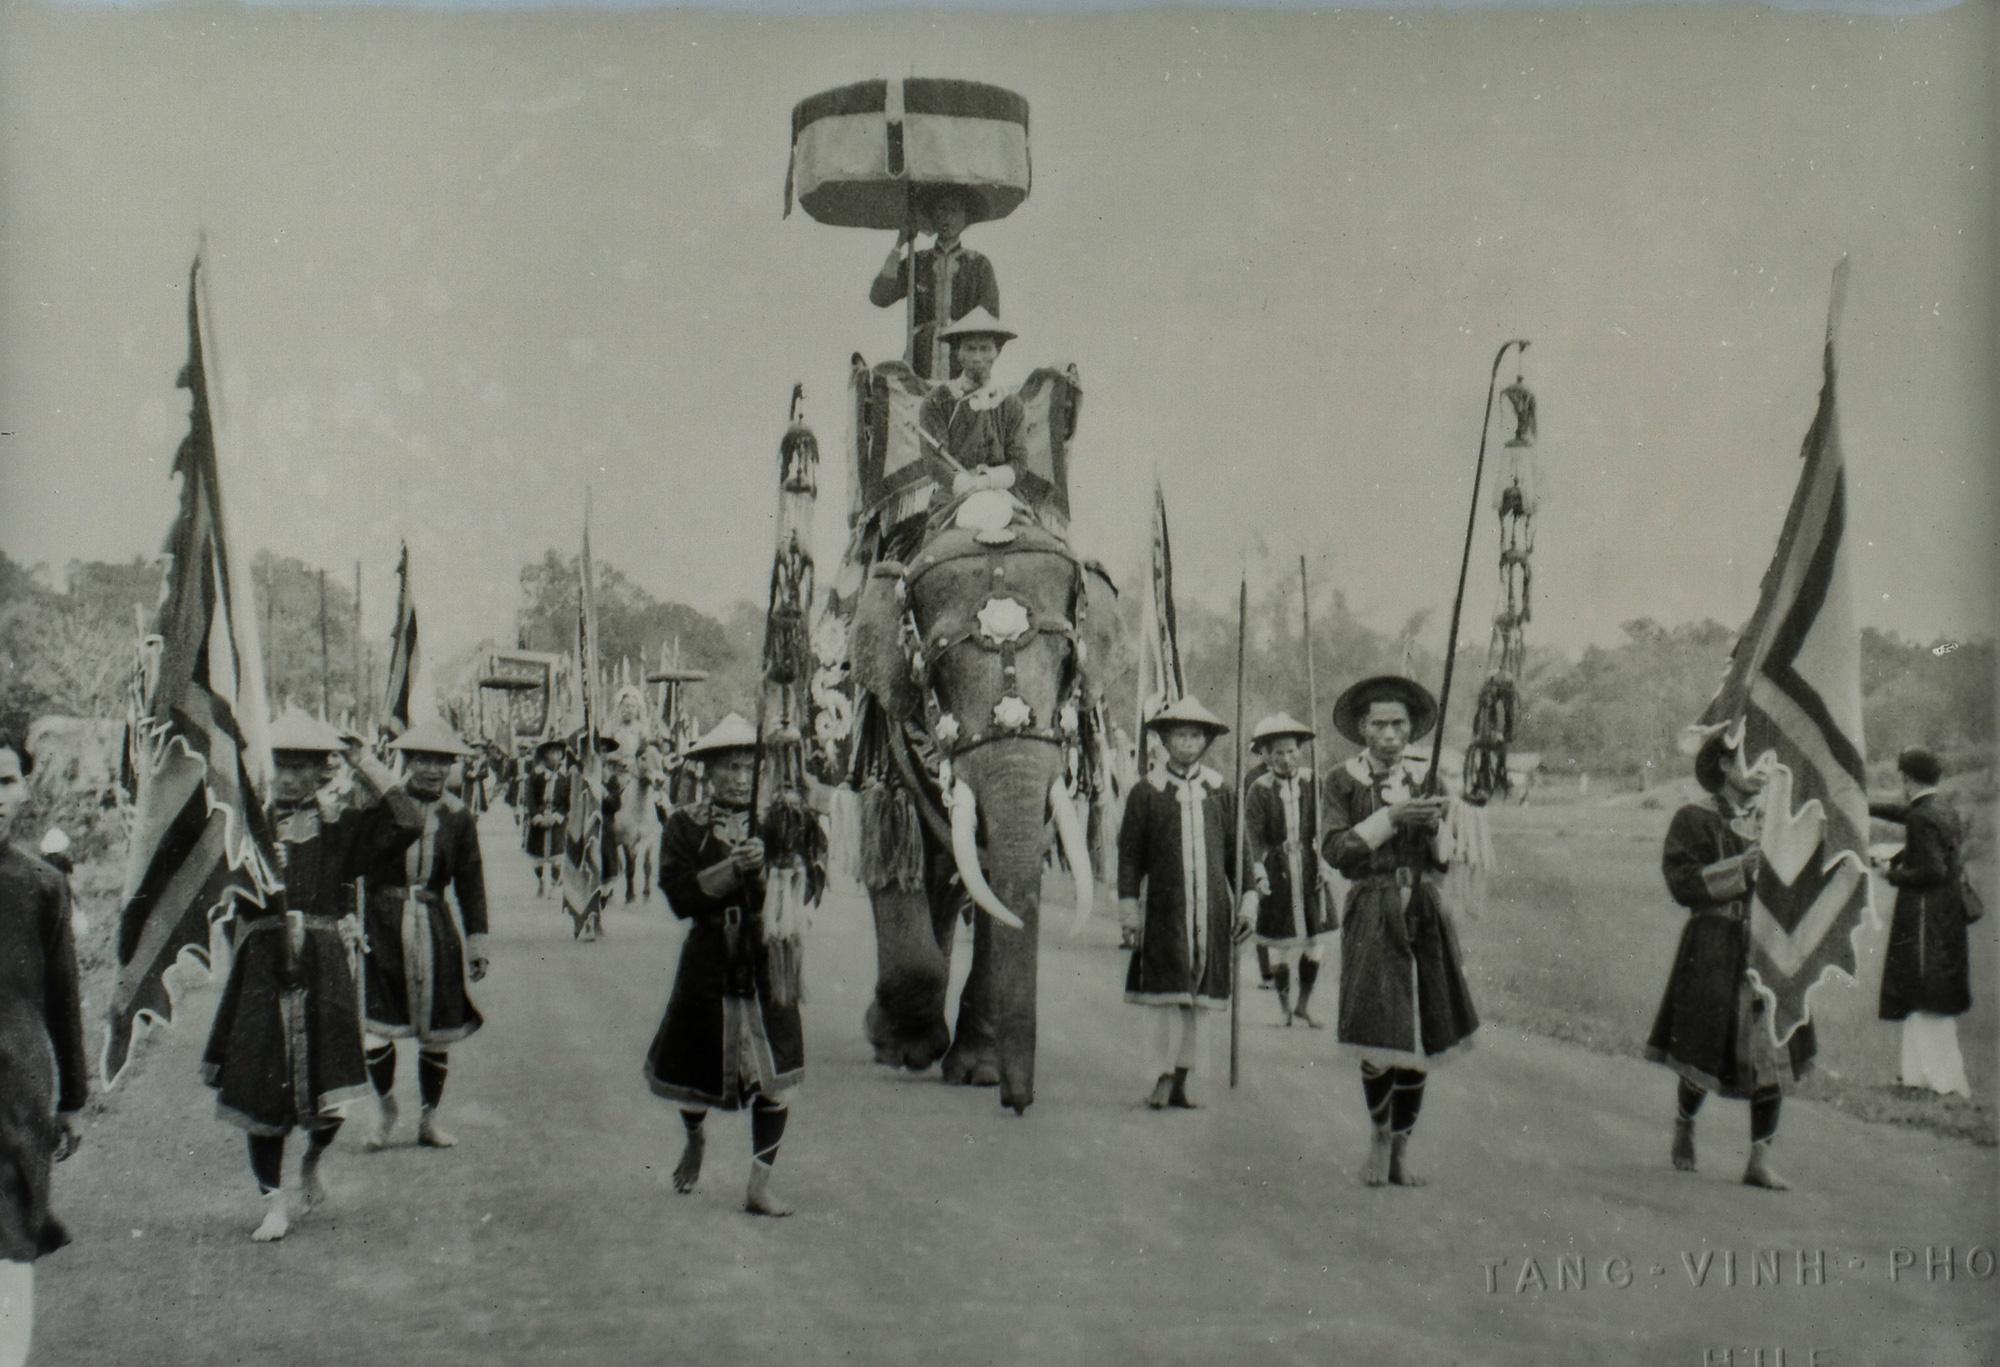 Nghi lễ tế trời đất tại đàn Nam Giao của các vua triều Nguyễn - Ảnh 9.